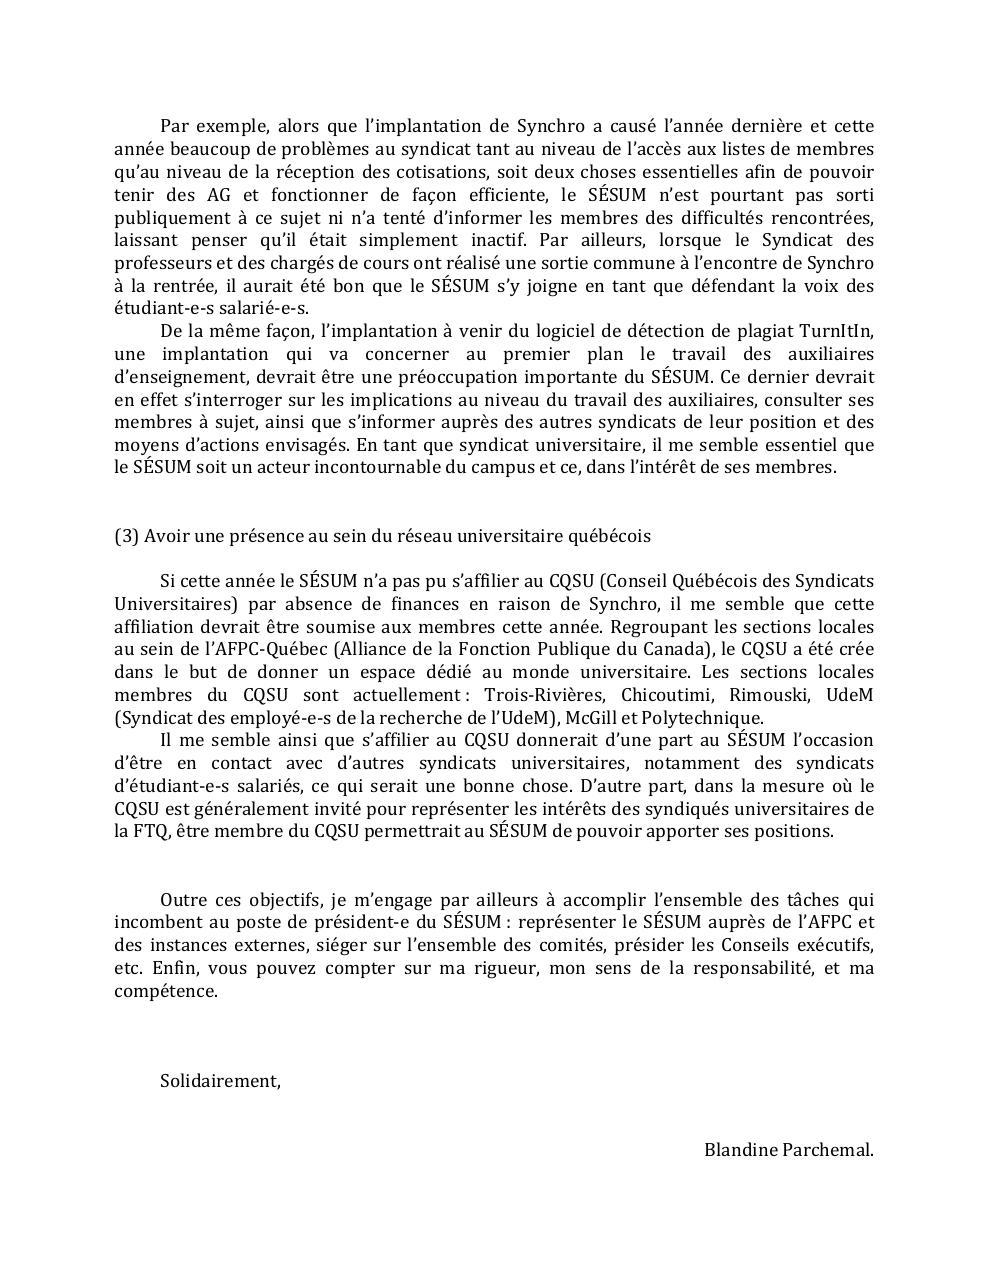 lettre de candidature au poste de la pr u00e9sidence du s u00c9sum docx par blandine parchemal